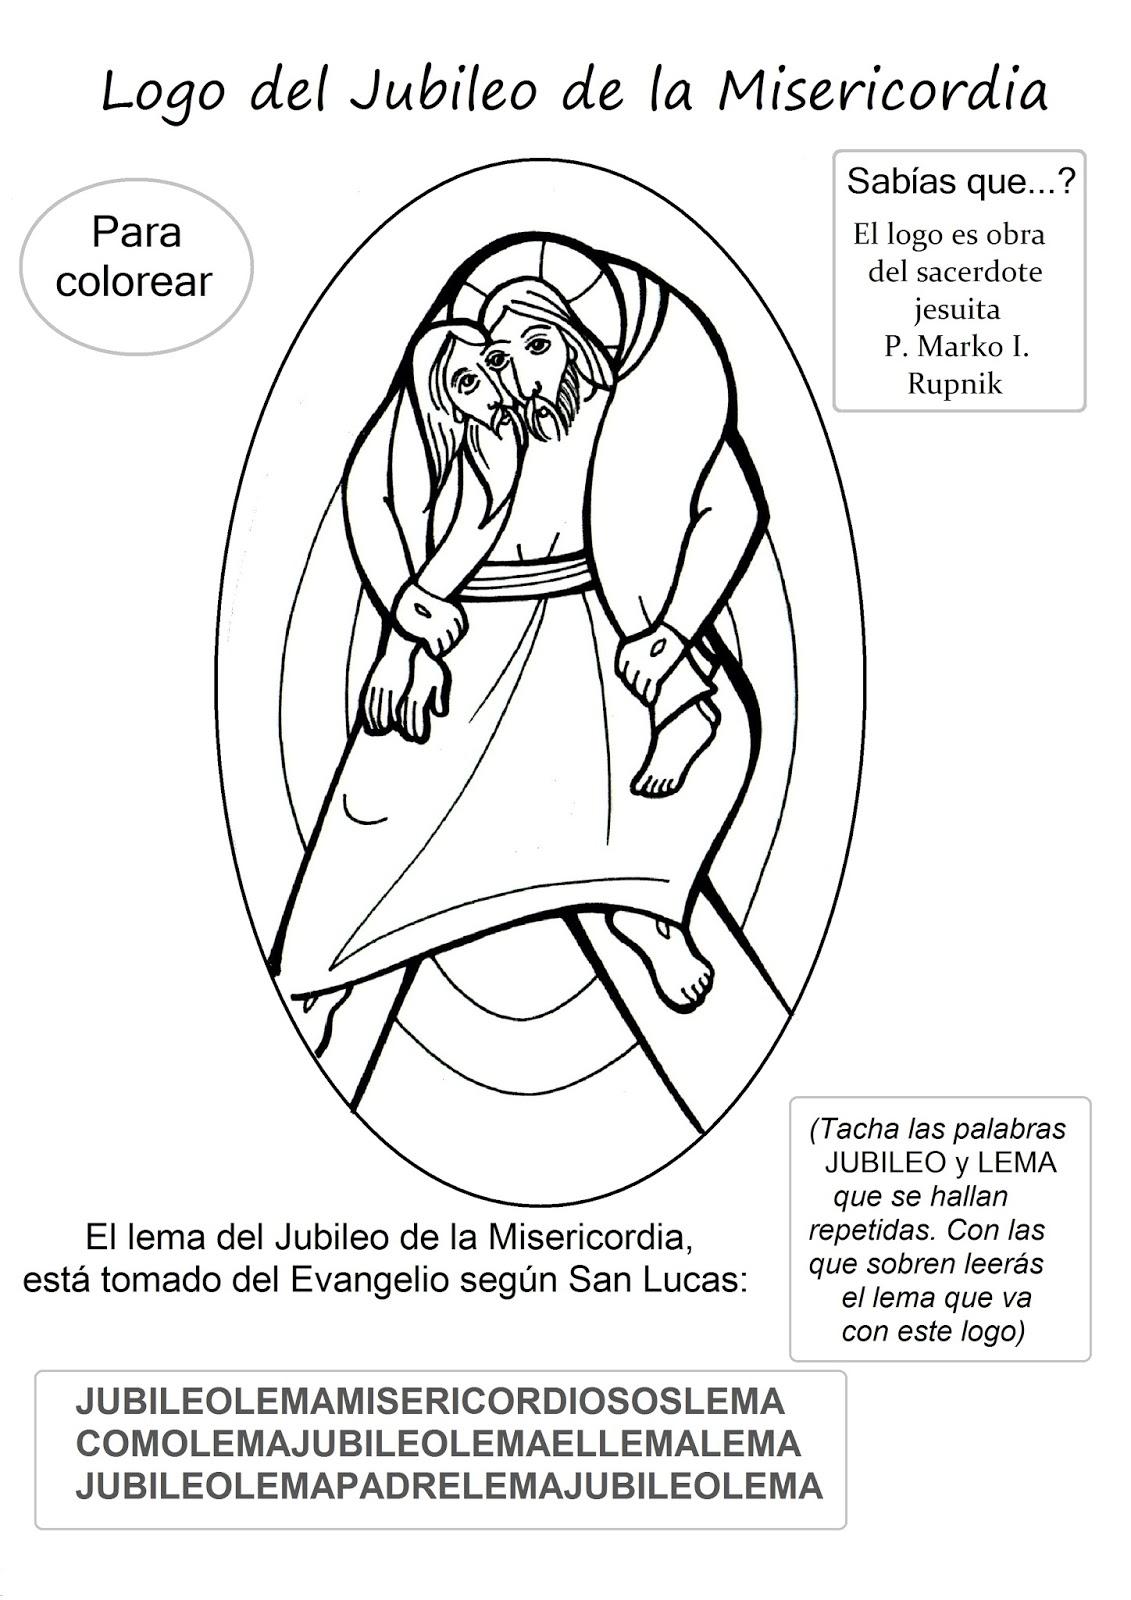 El Rincón de las Melli: LOGO para colorear - Jubileo de la ...